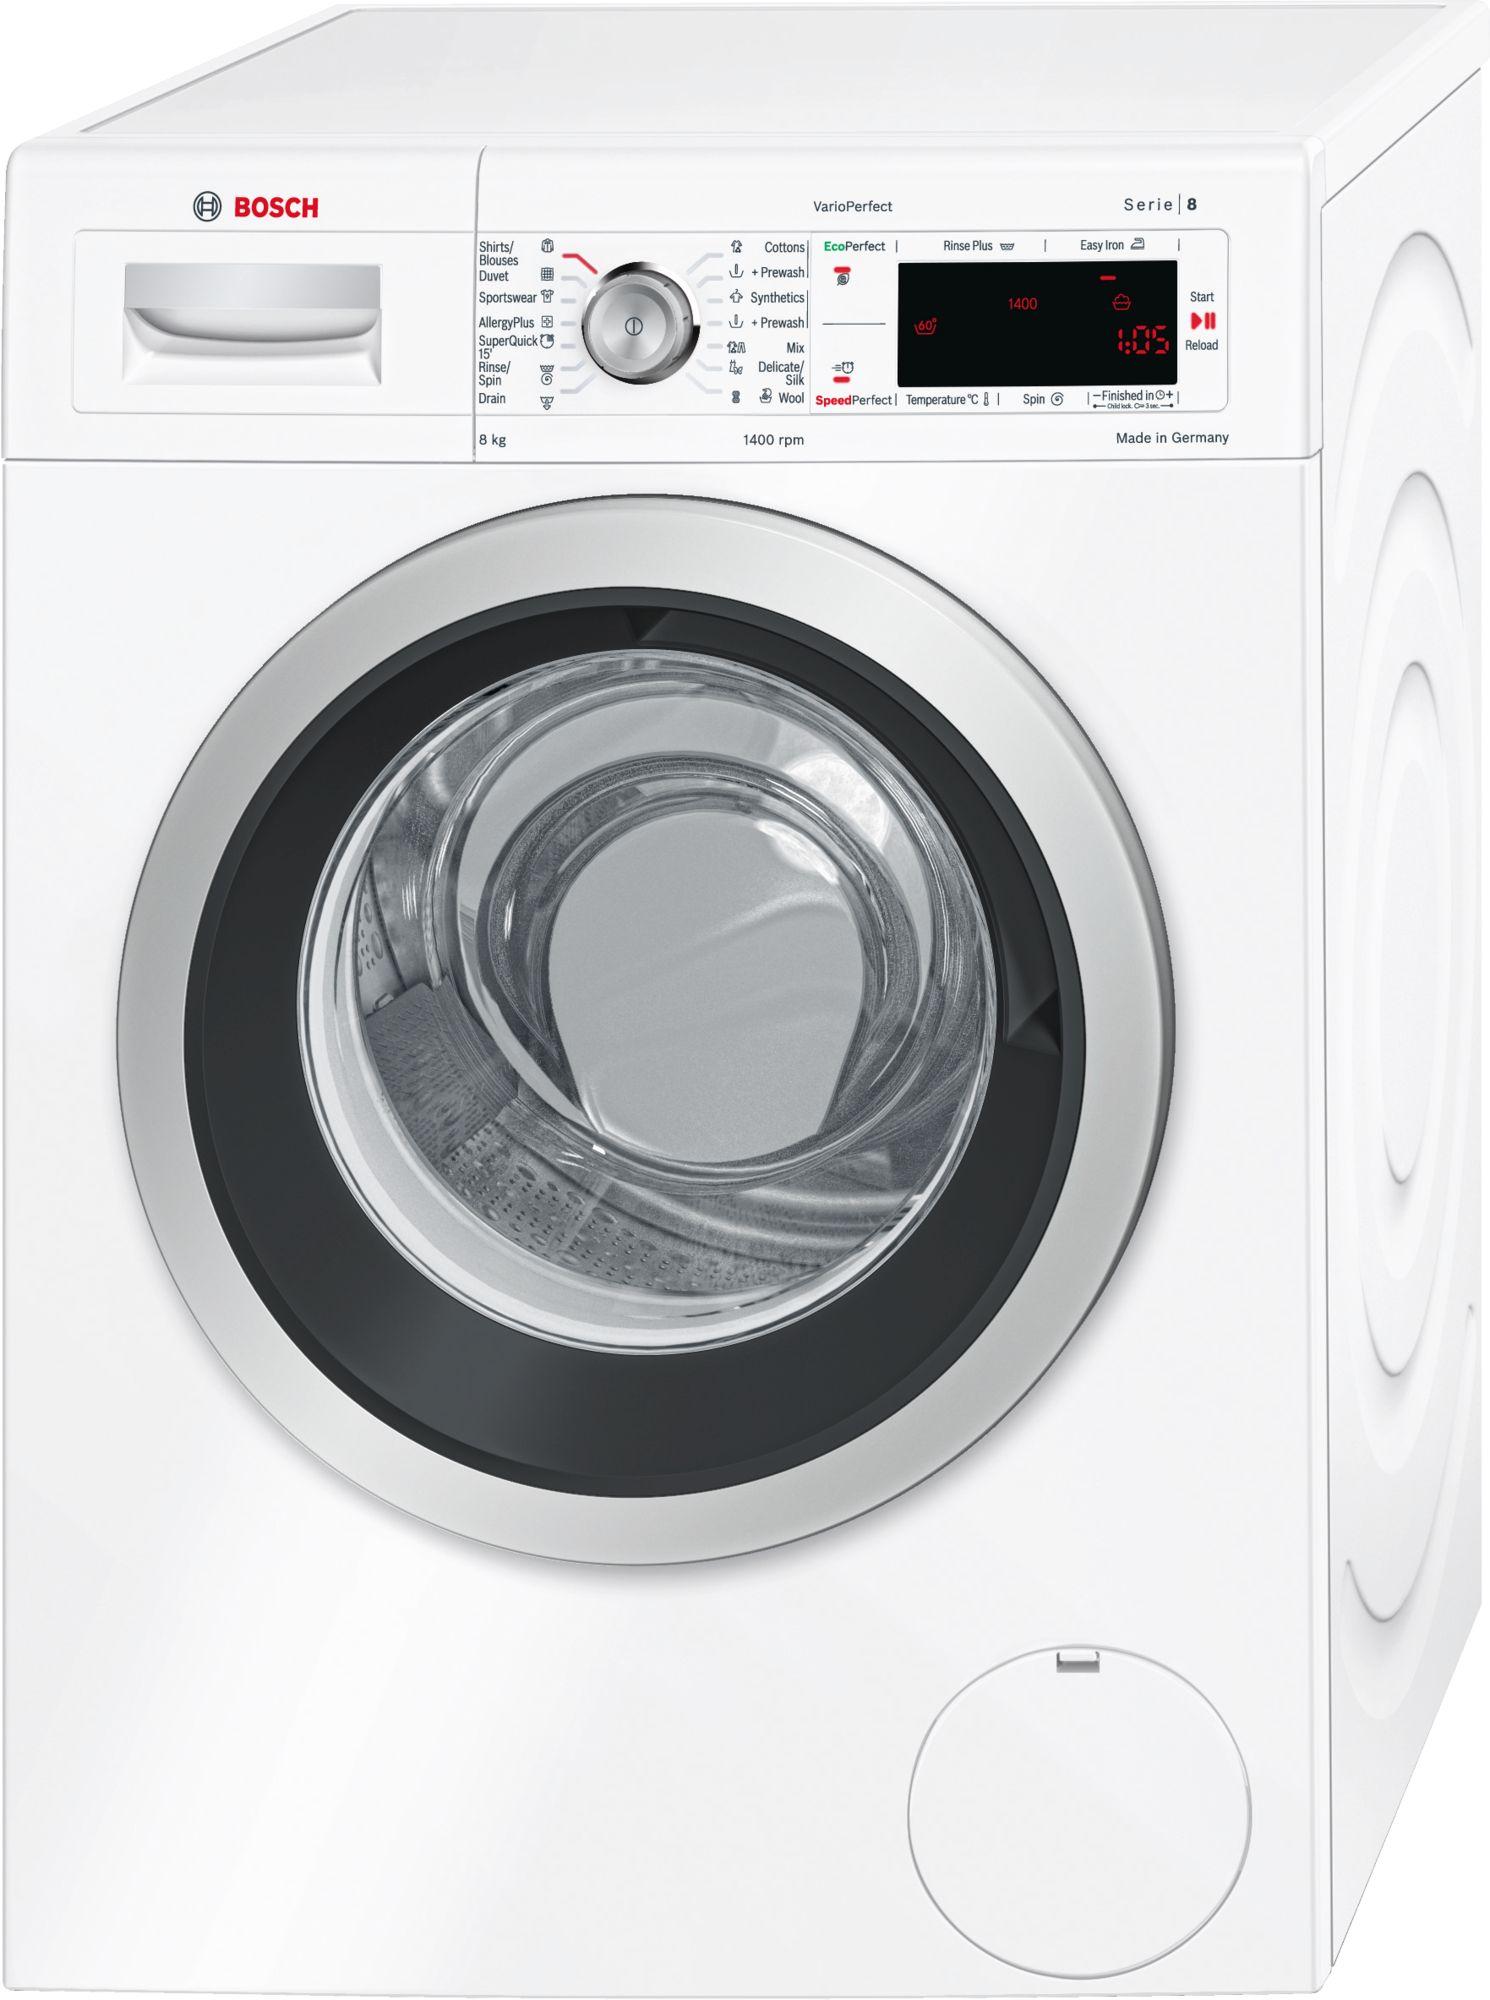 Máy giặt Bosch WAW28440SG 8kg, Seri 8